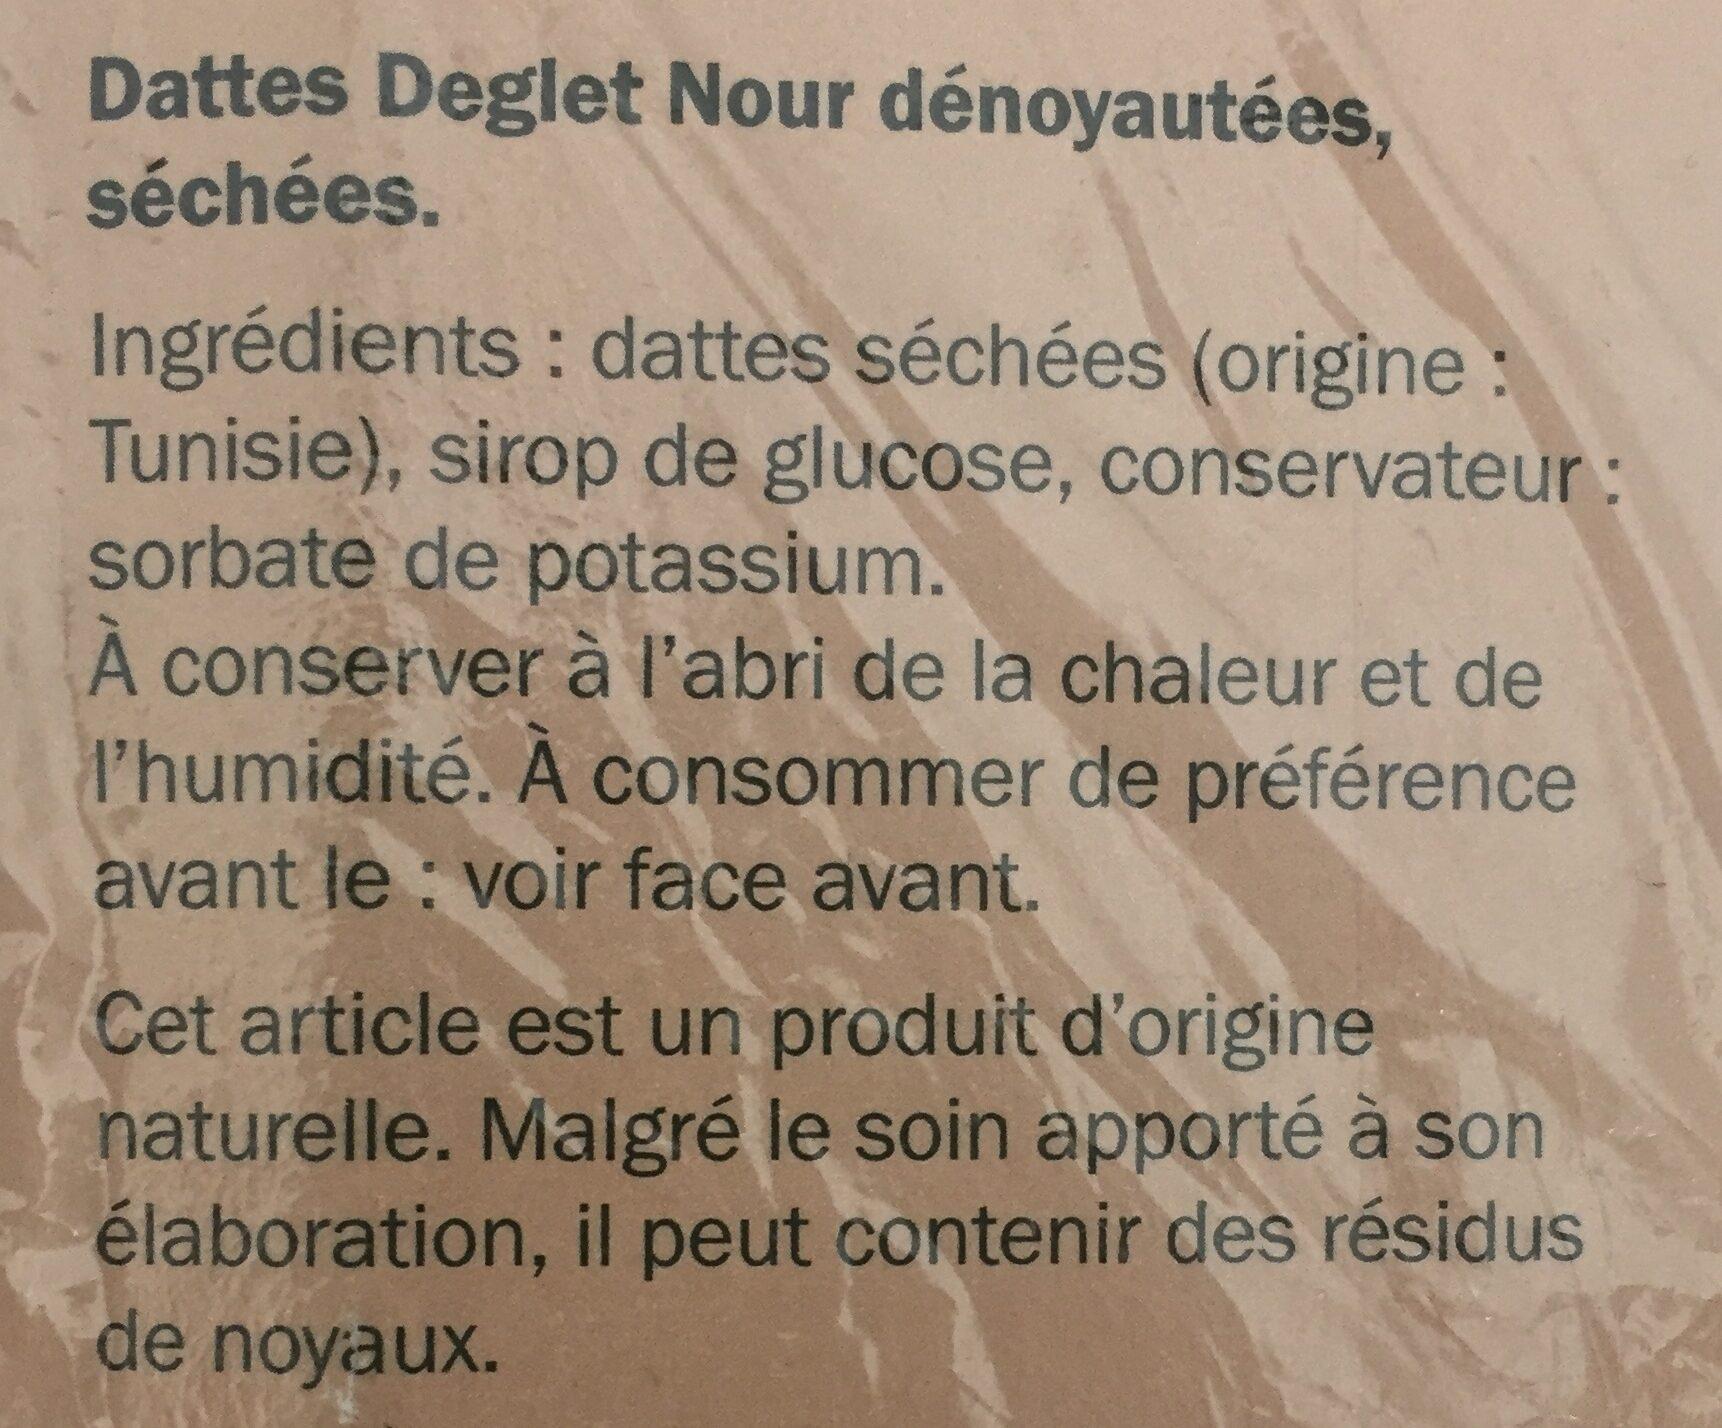 Dattes Deglet Nour dénoyautées, séchées - Ingrédients - fr